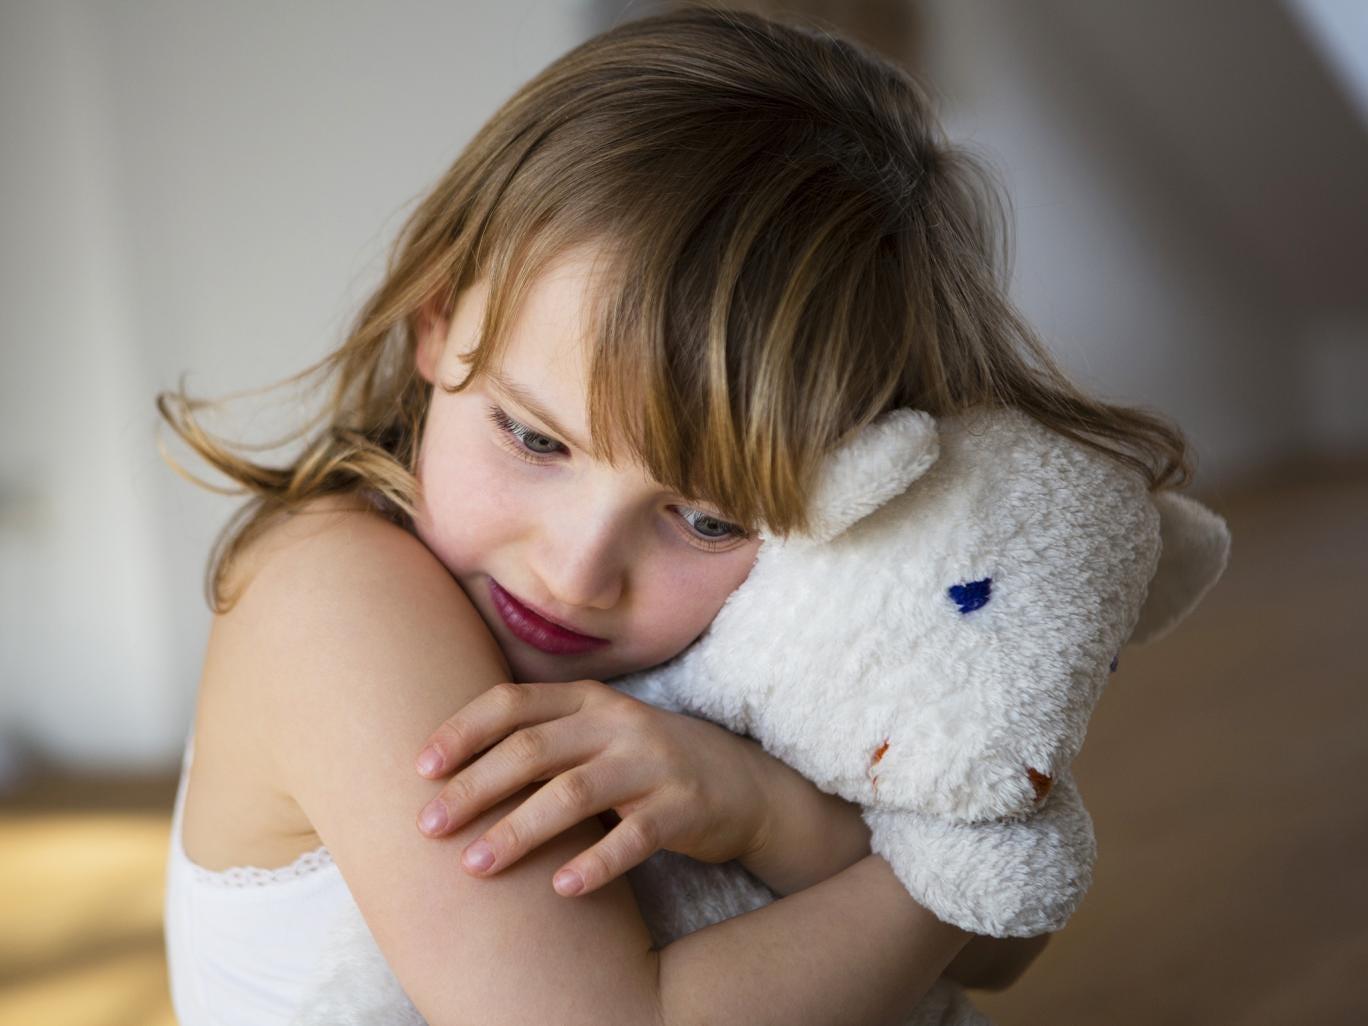 There are around 68,000 children in care